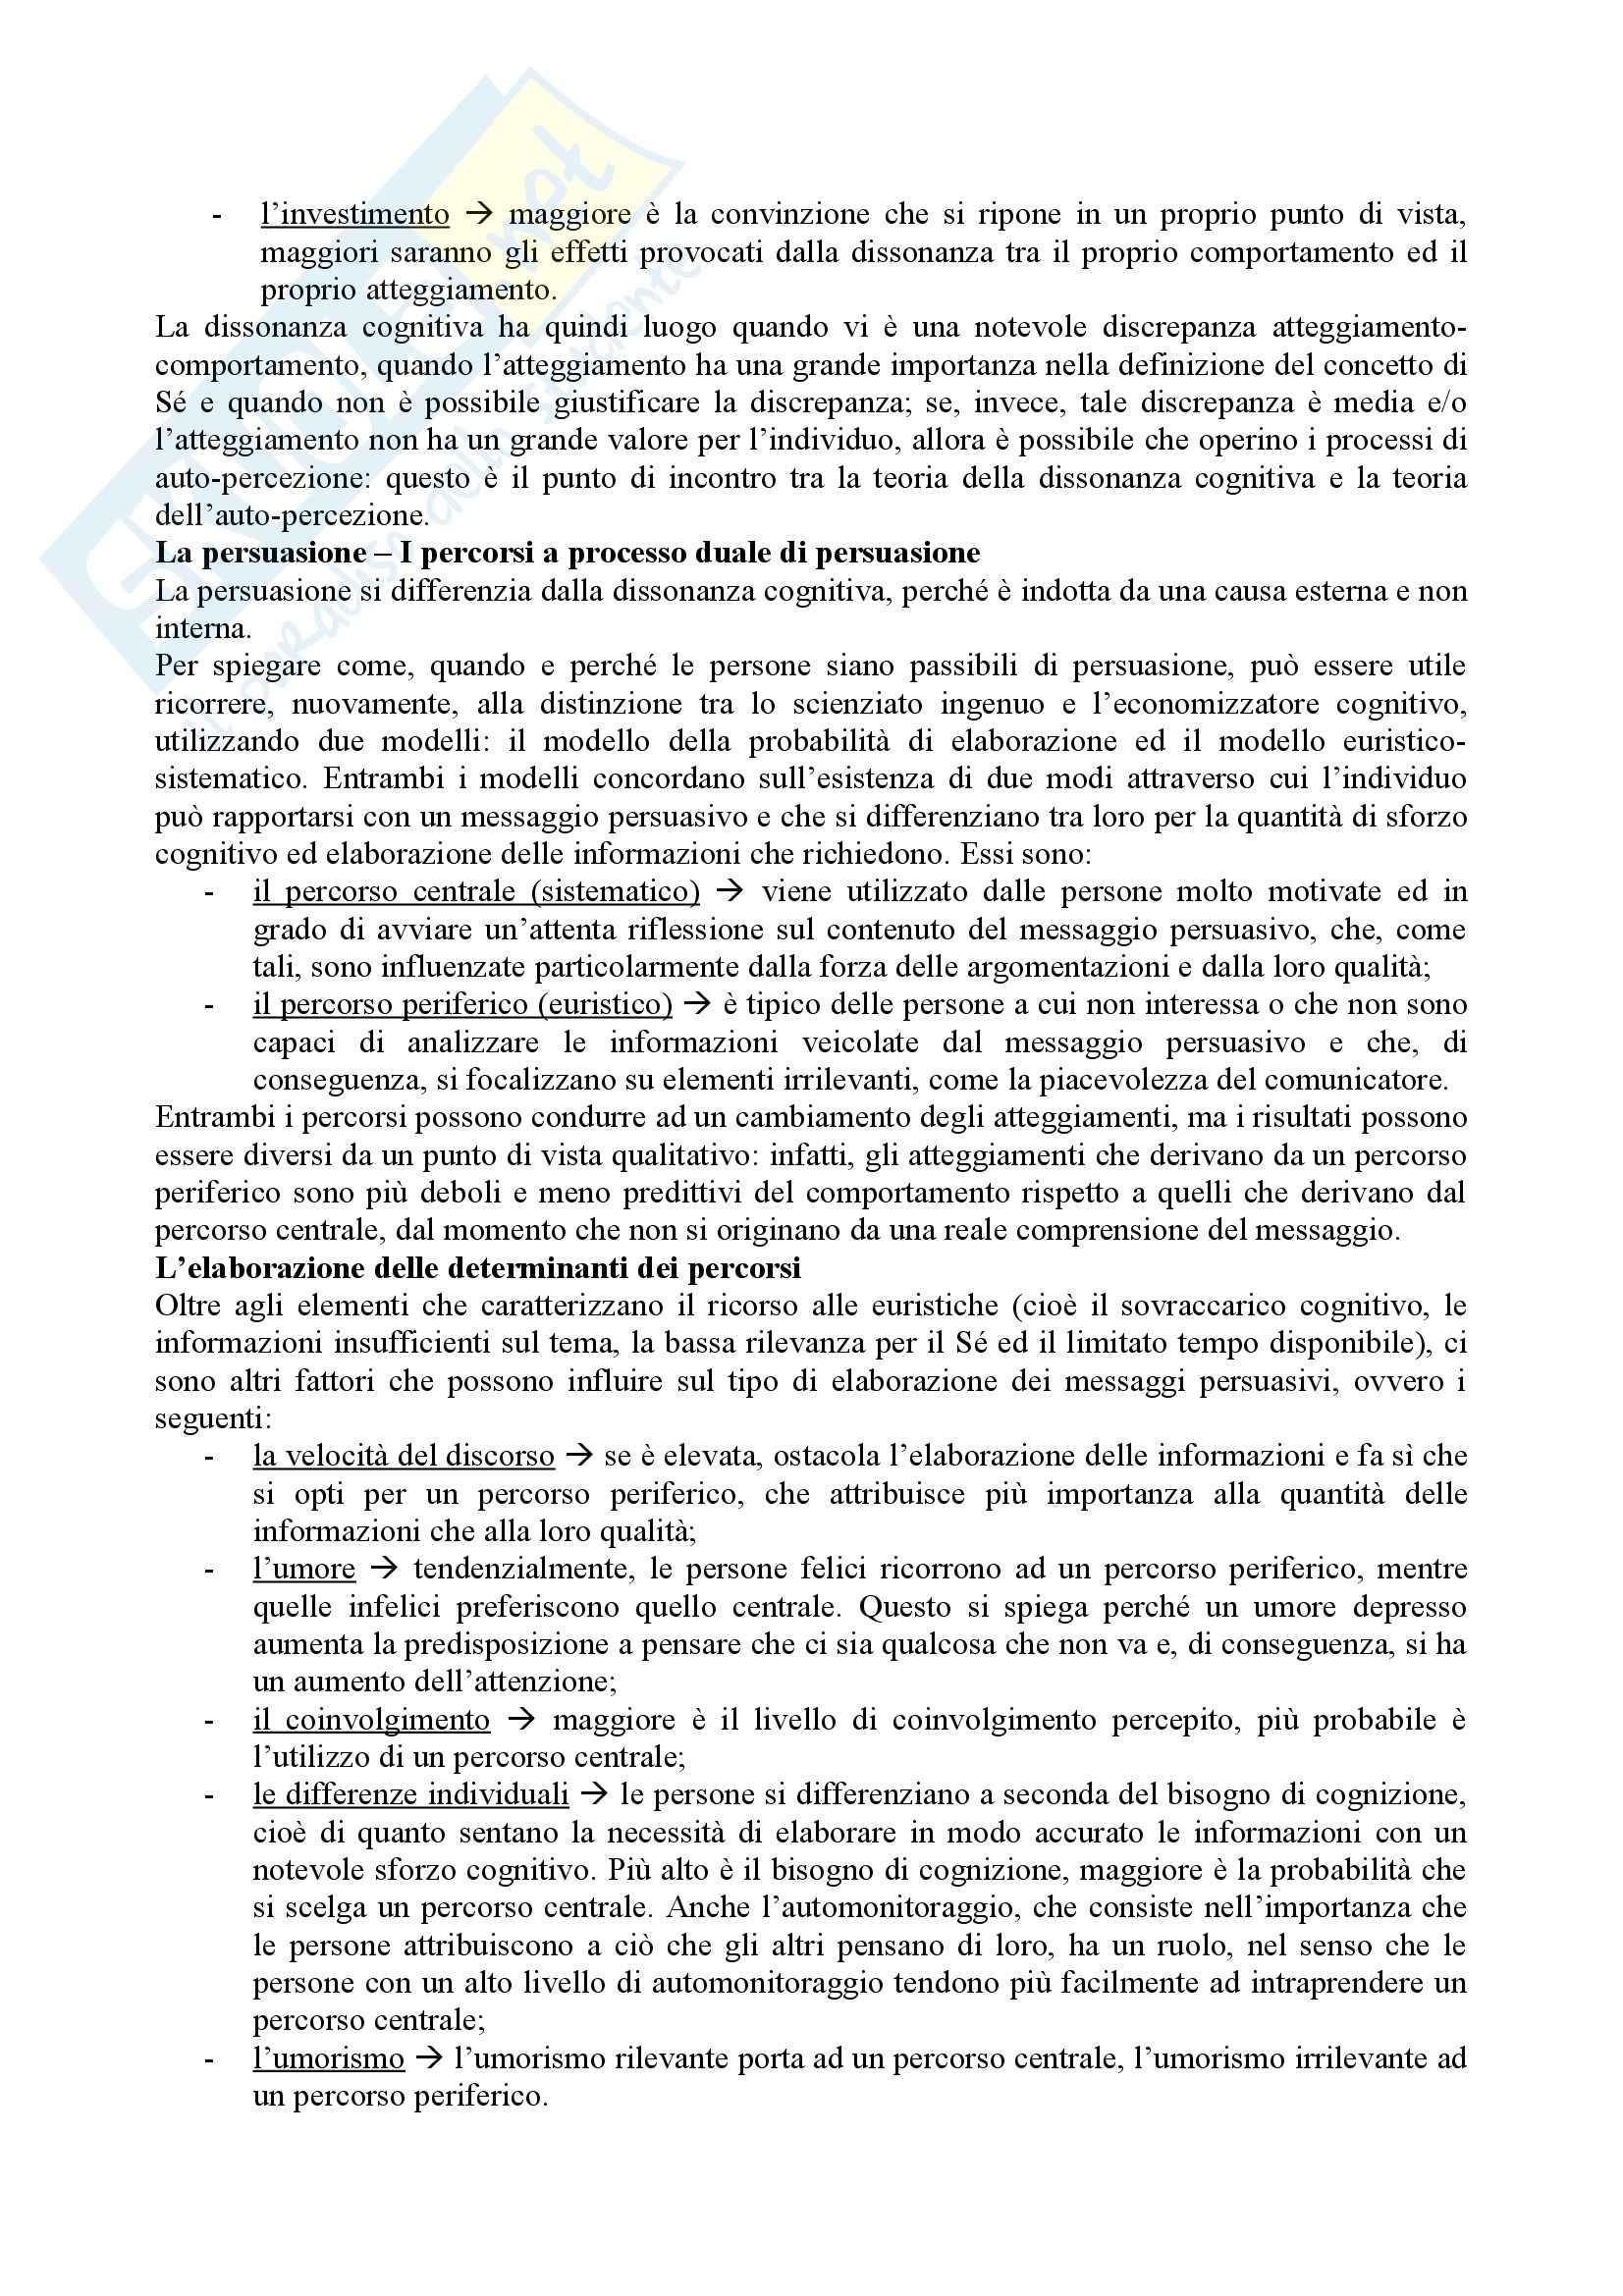 Riassunto esame Psicologia sociale, prof. Mosso, libro consigliato Psicologia sociale, Crisp, R. J. & Turner, R. T. Pag. 6